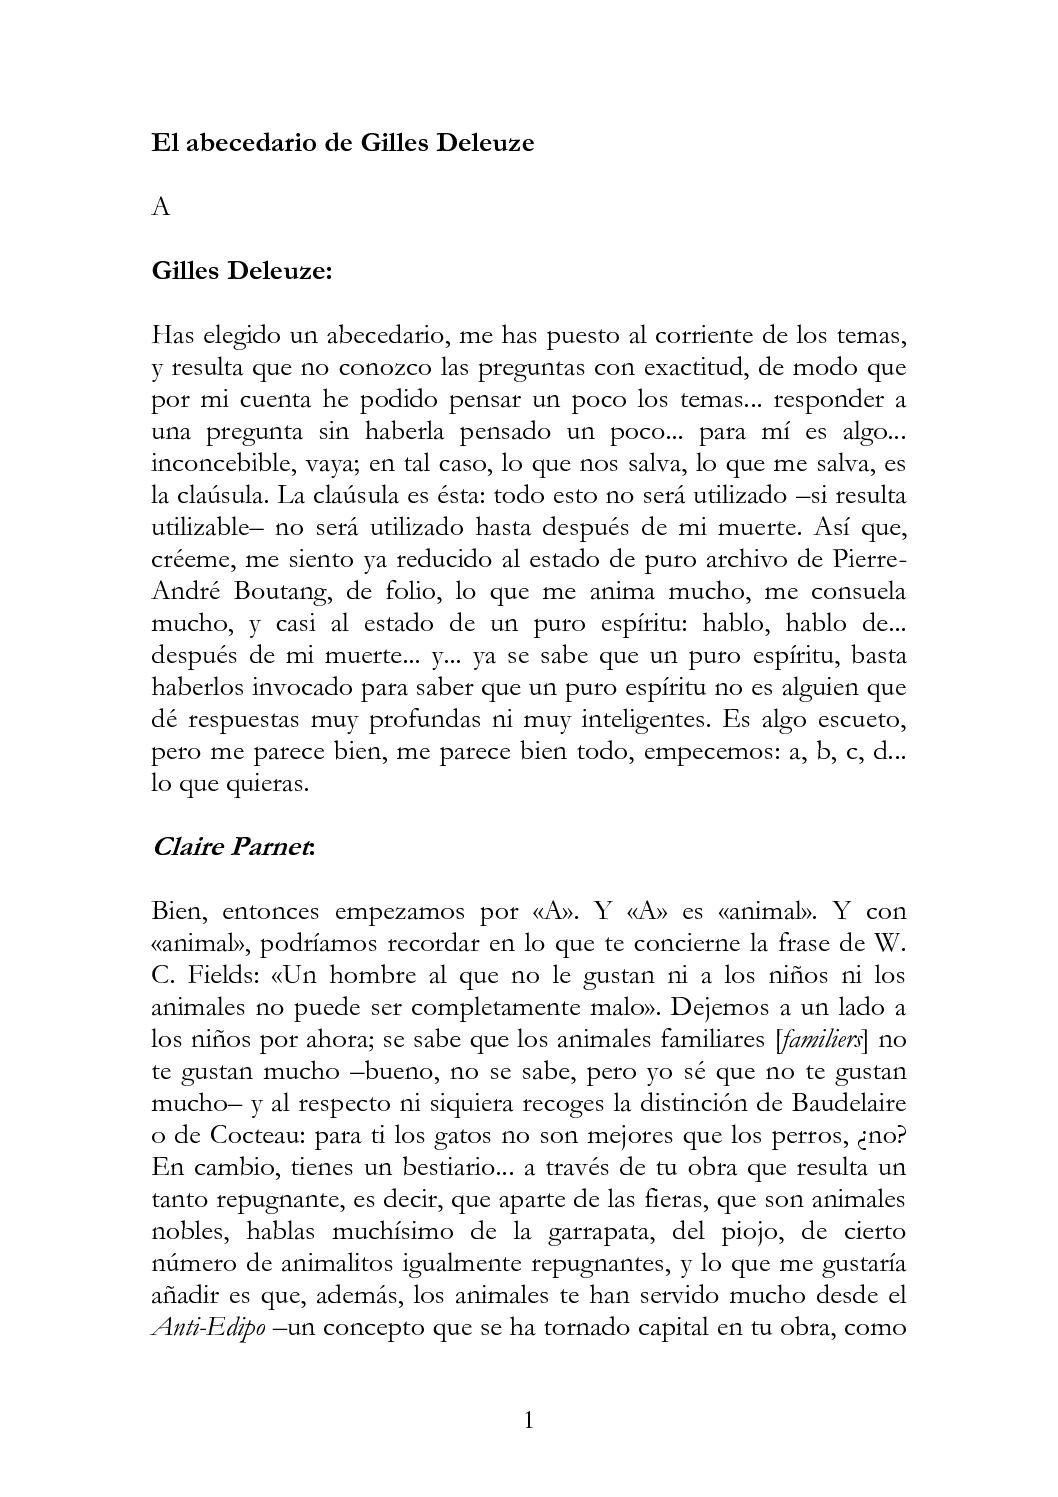 Calaméo - ABECEDARIO GUILLES DELEUZE 929dc5b3112